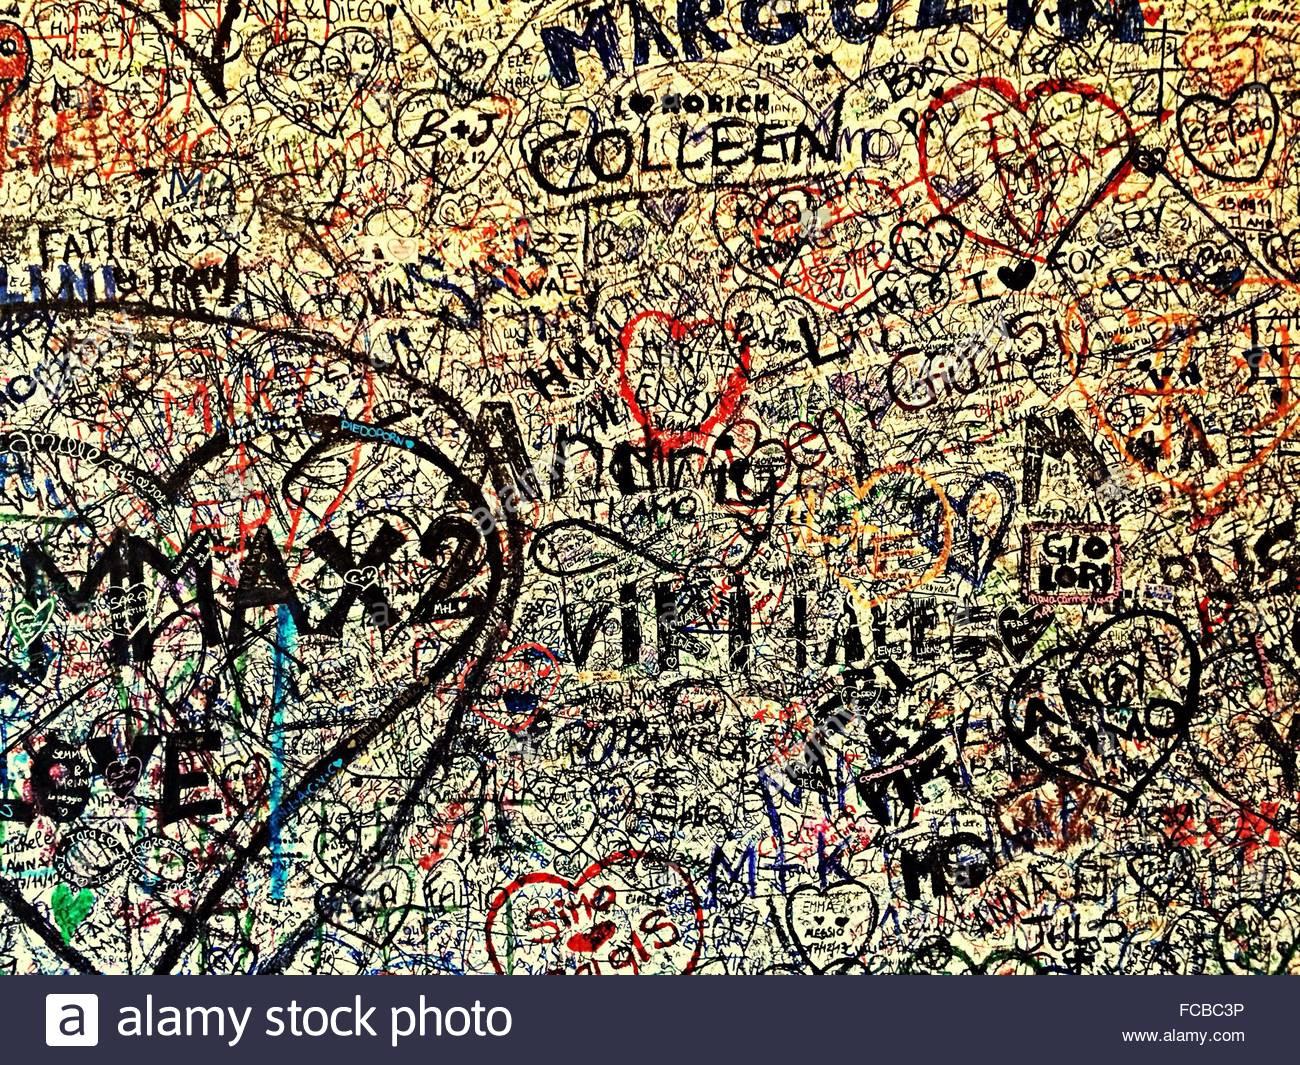 Graffiti wall writing - Messy Graffiti Wall Stock Image